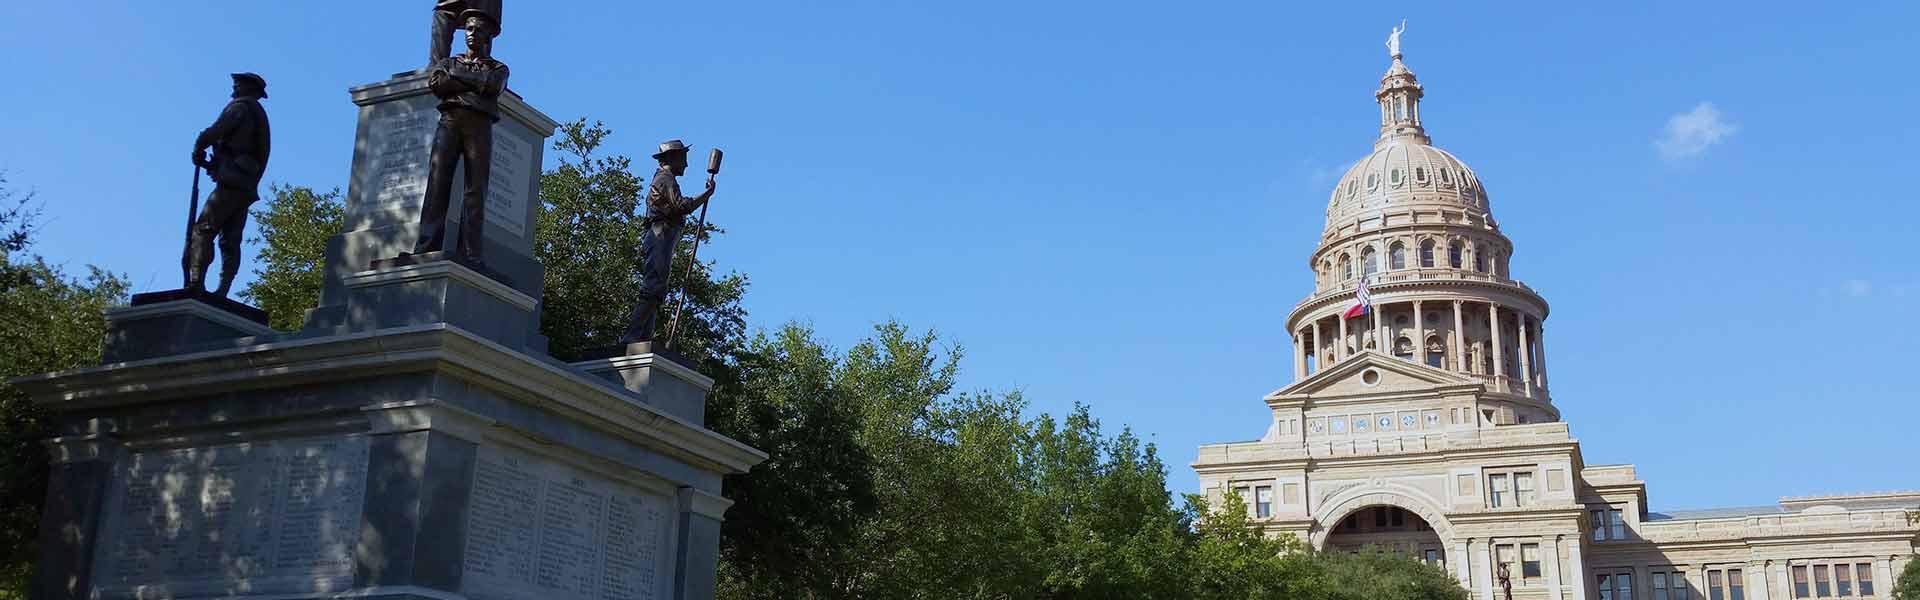 TMITheEpiscopalSchoolfTexas-Public-TX-Capitol-Banner-2021